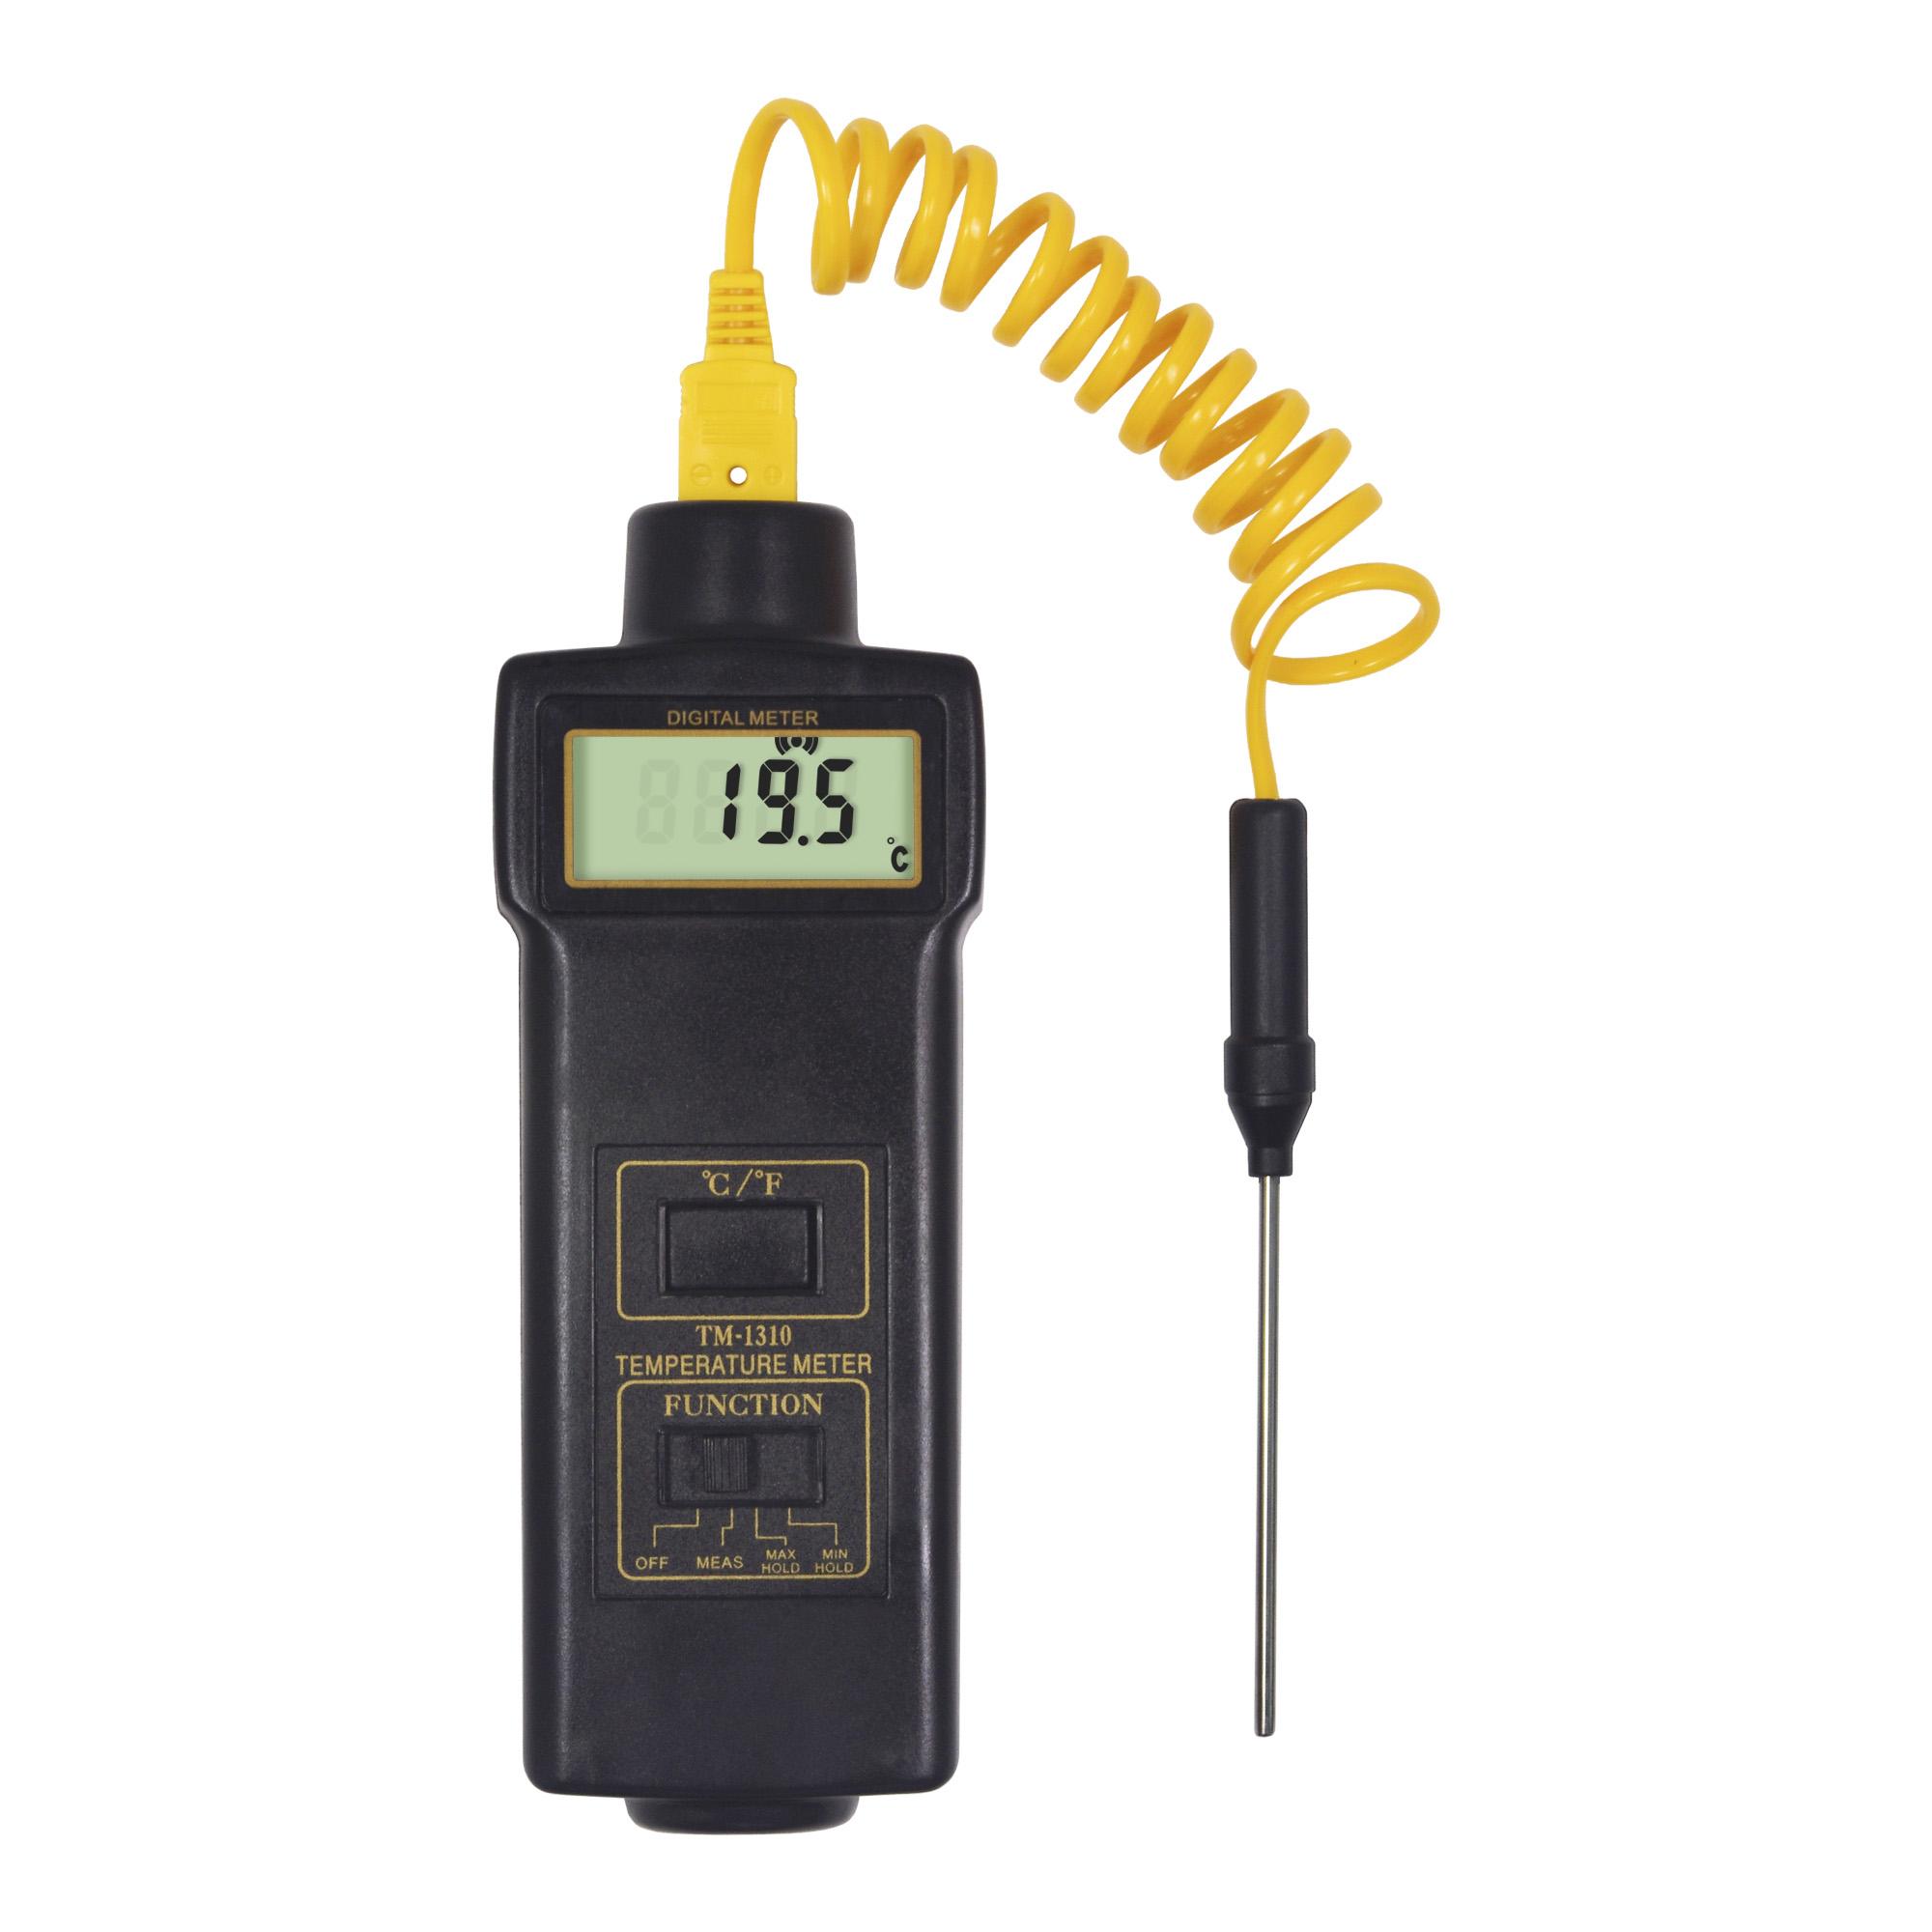 广州兰泰高精度温度表TM-1310